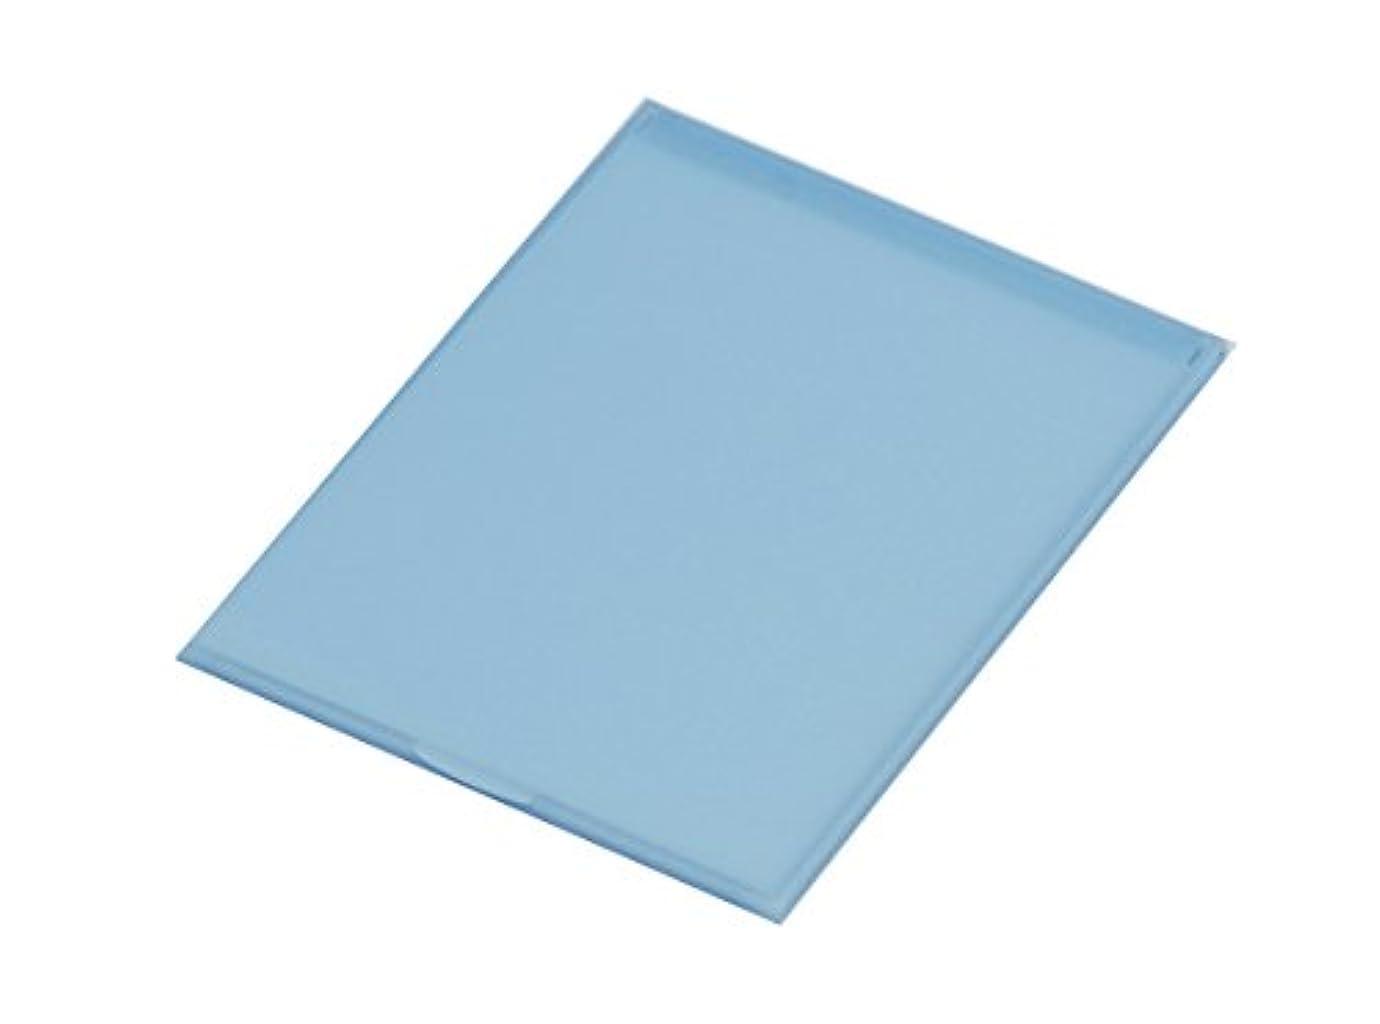 収まる発症告発堀内鏡工業 スリム&ライト パステルカラー コンパクトミラー M ブルー